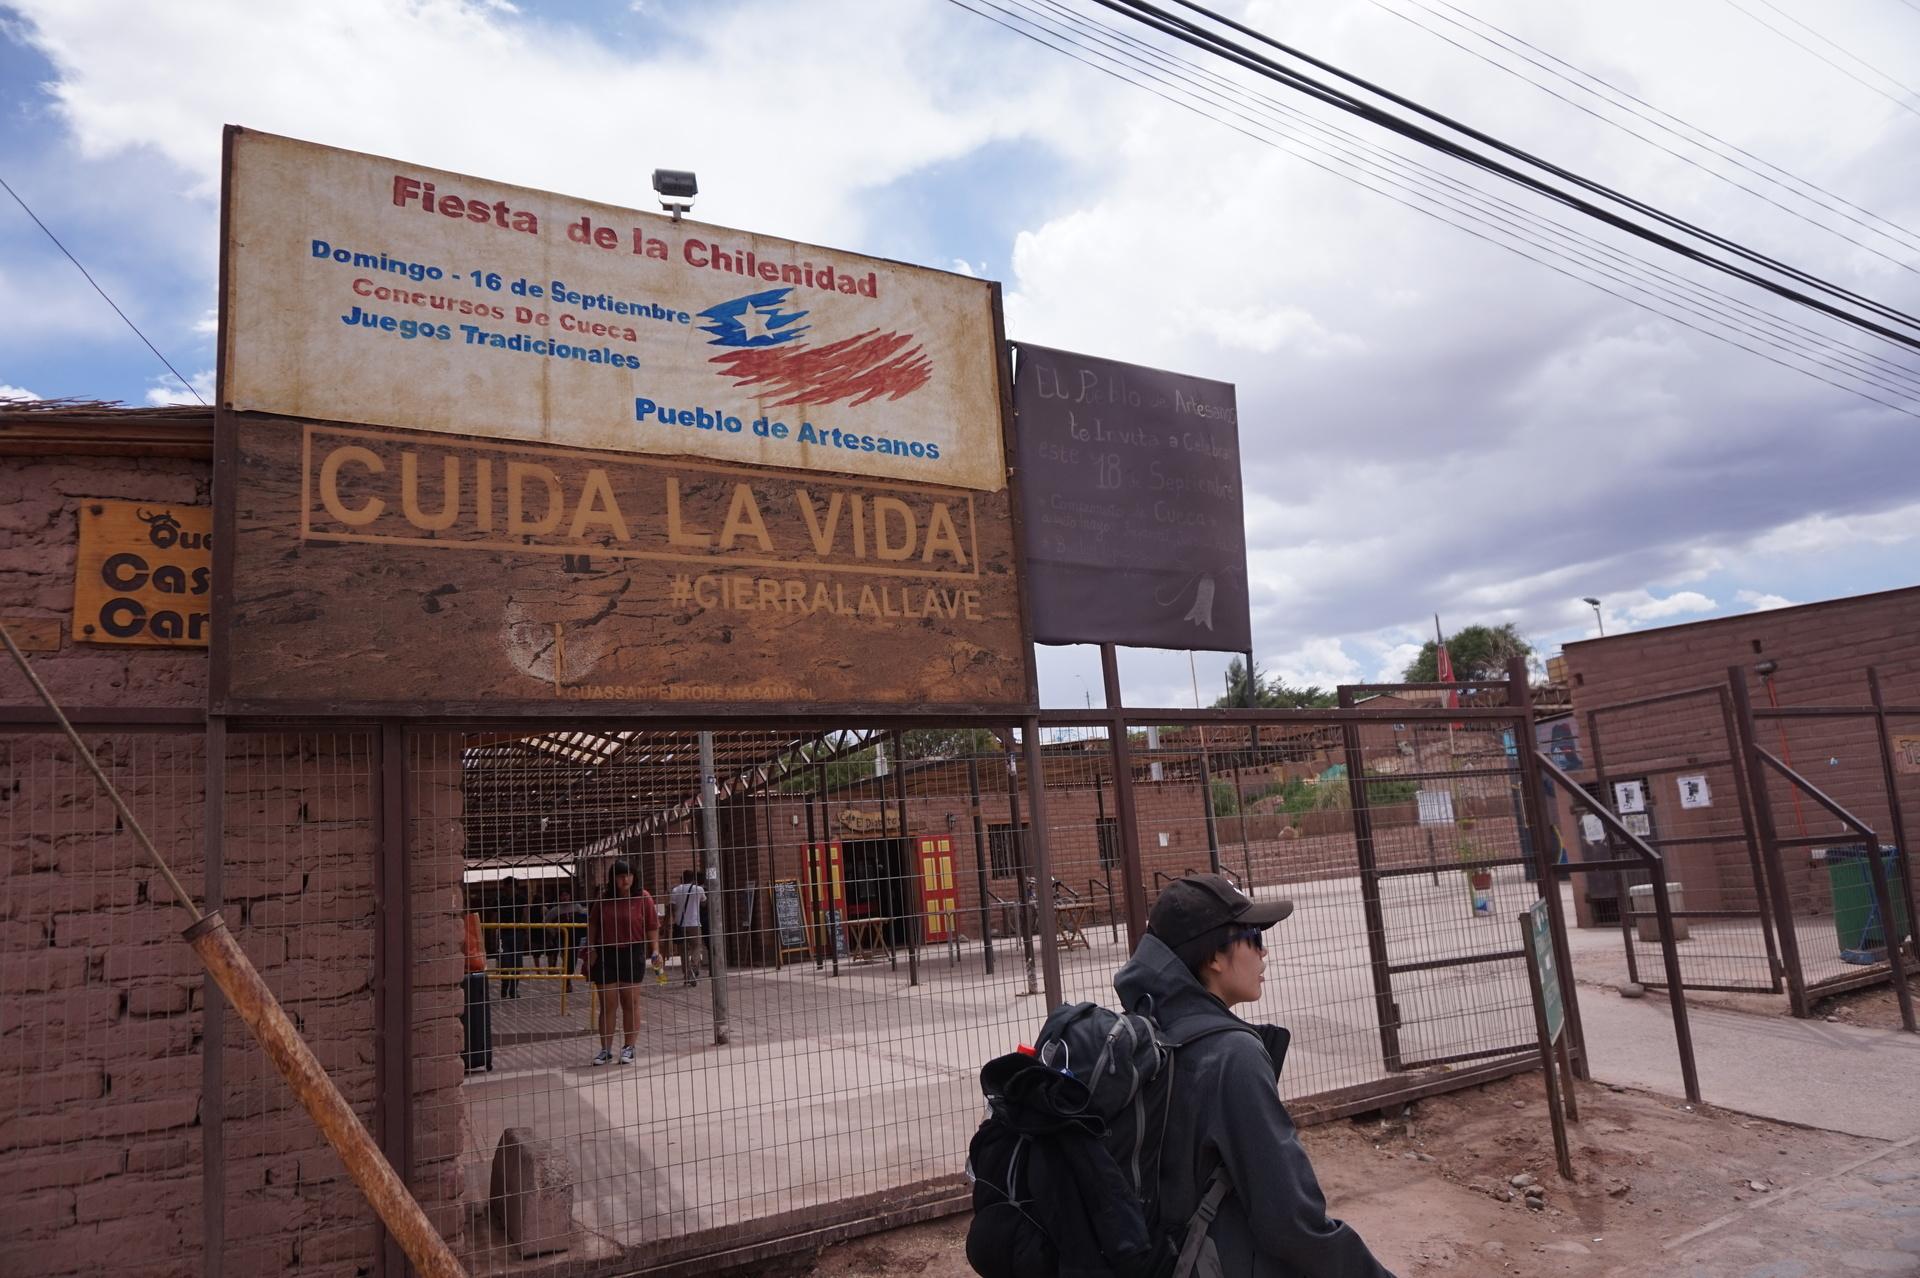 チリ ボリビア ウユニ旅行 アタカマ バスターミナル